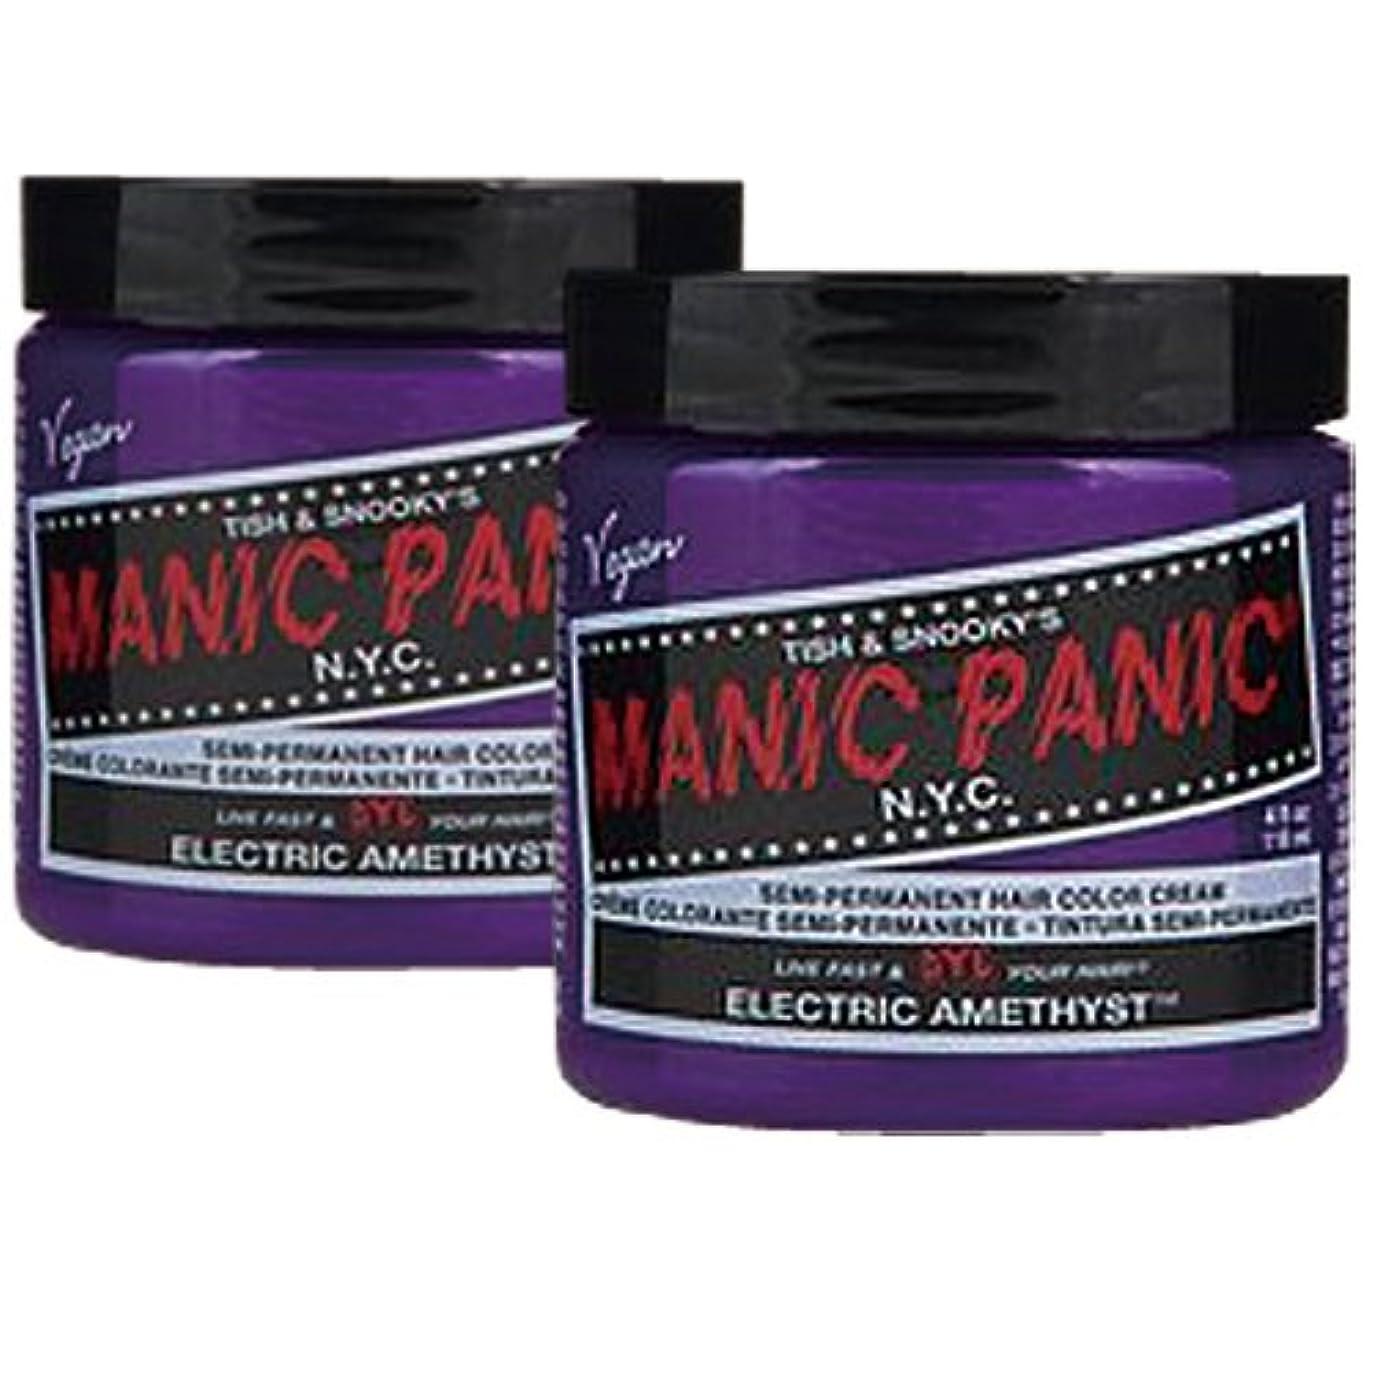 ヘリコプター船あなたは【2個セット】MANIC PANIC マニックパニック Electric amethyst エレクトリックアメジスト 118m